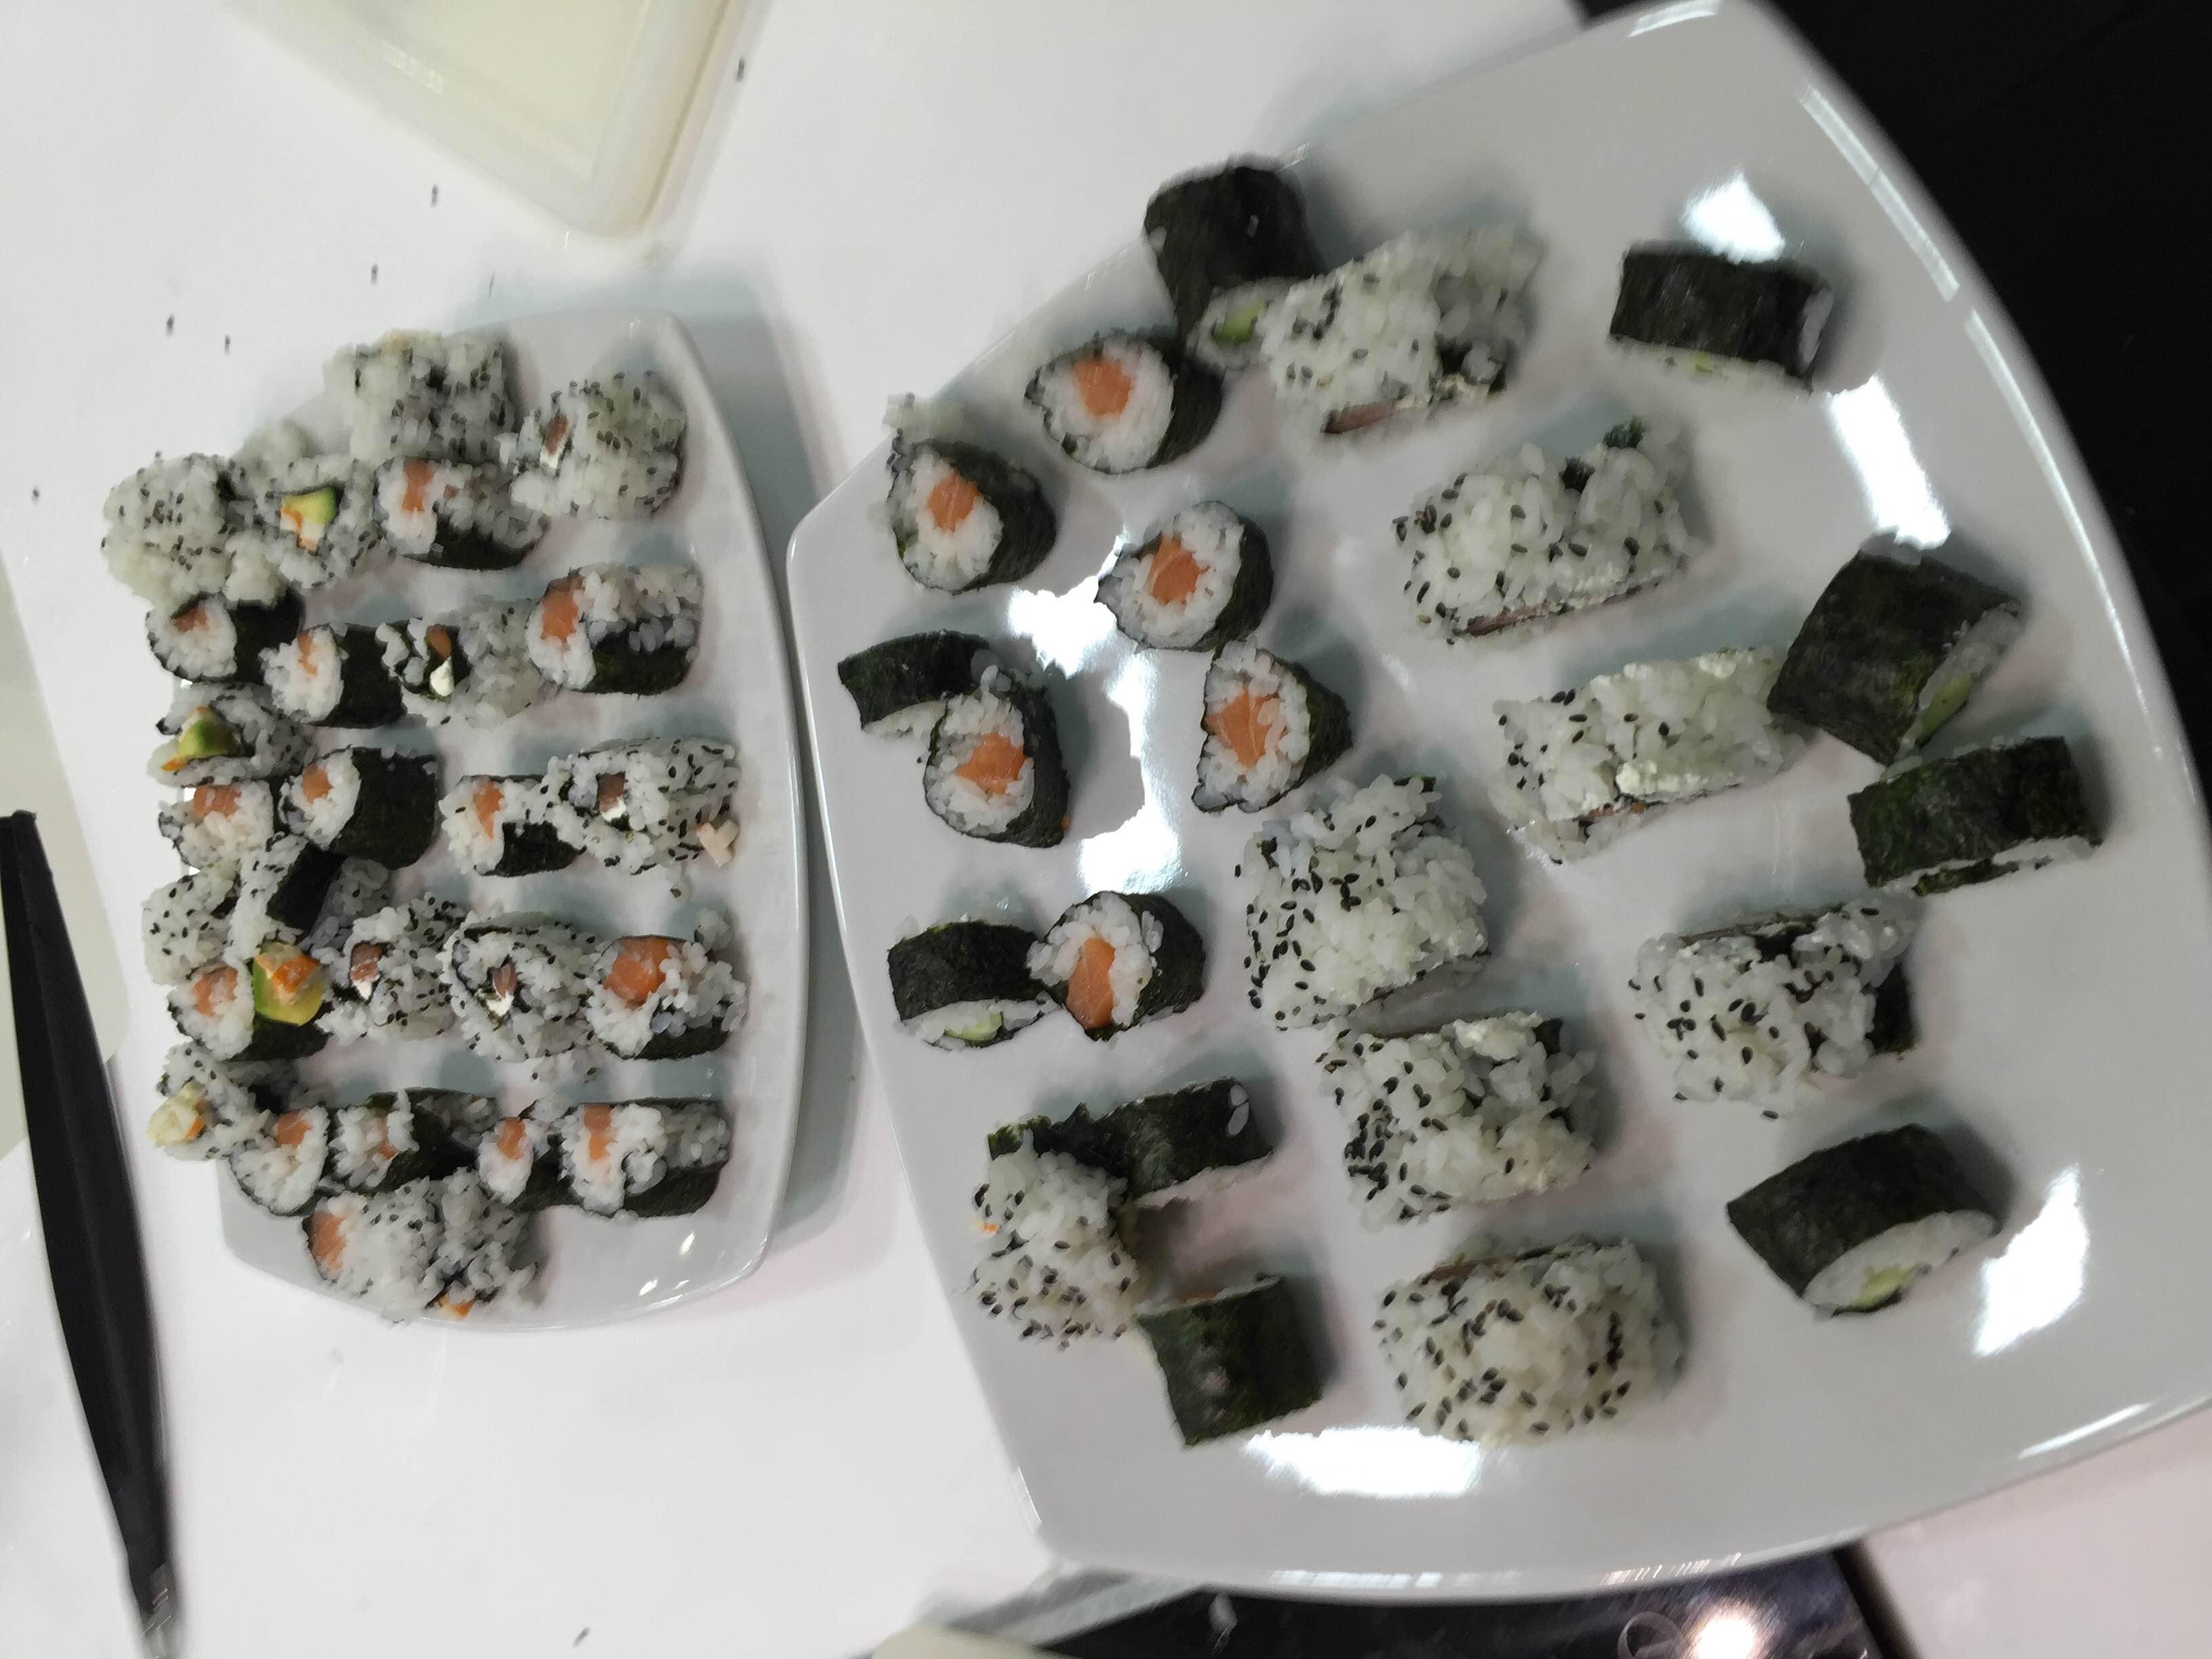 Imparare a fare il sushi presso Toffini Academy